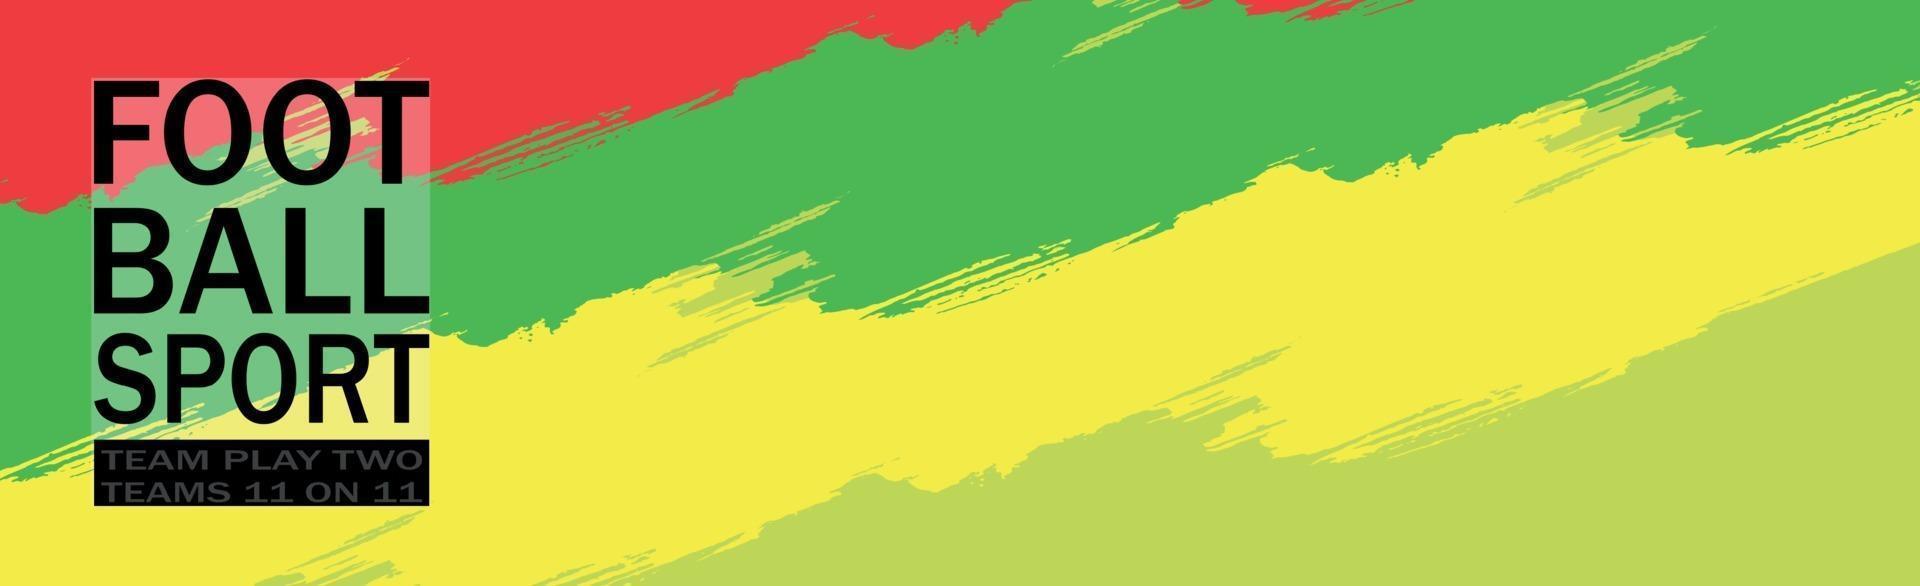 panorama di calcio su uno sfondo multicolore con testo - vettore